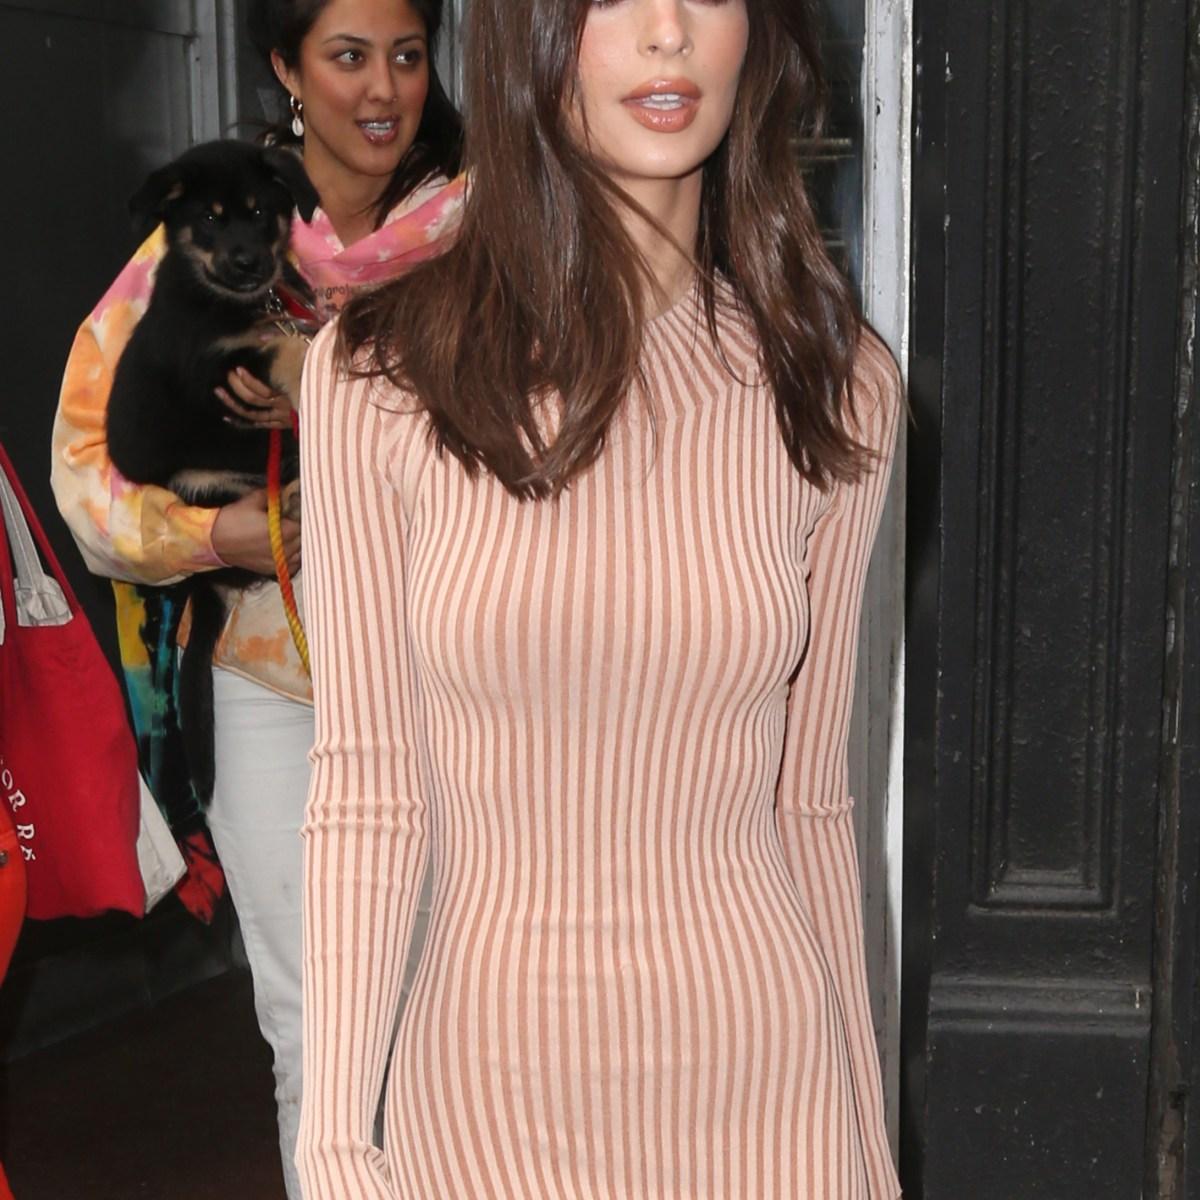 Nearly Nude! Emily Ratajkowski Struts Her Stuff Around NYC in a Slinky Dress